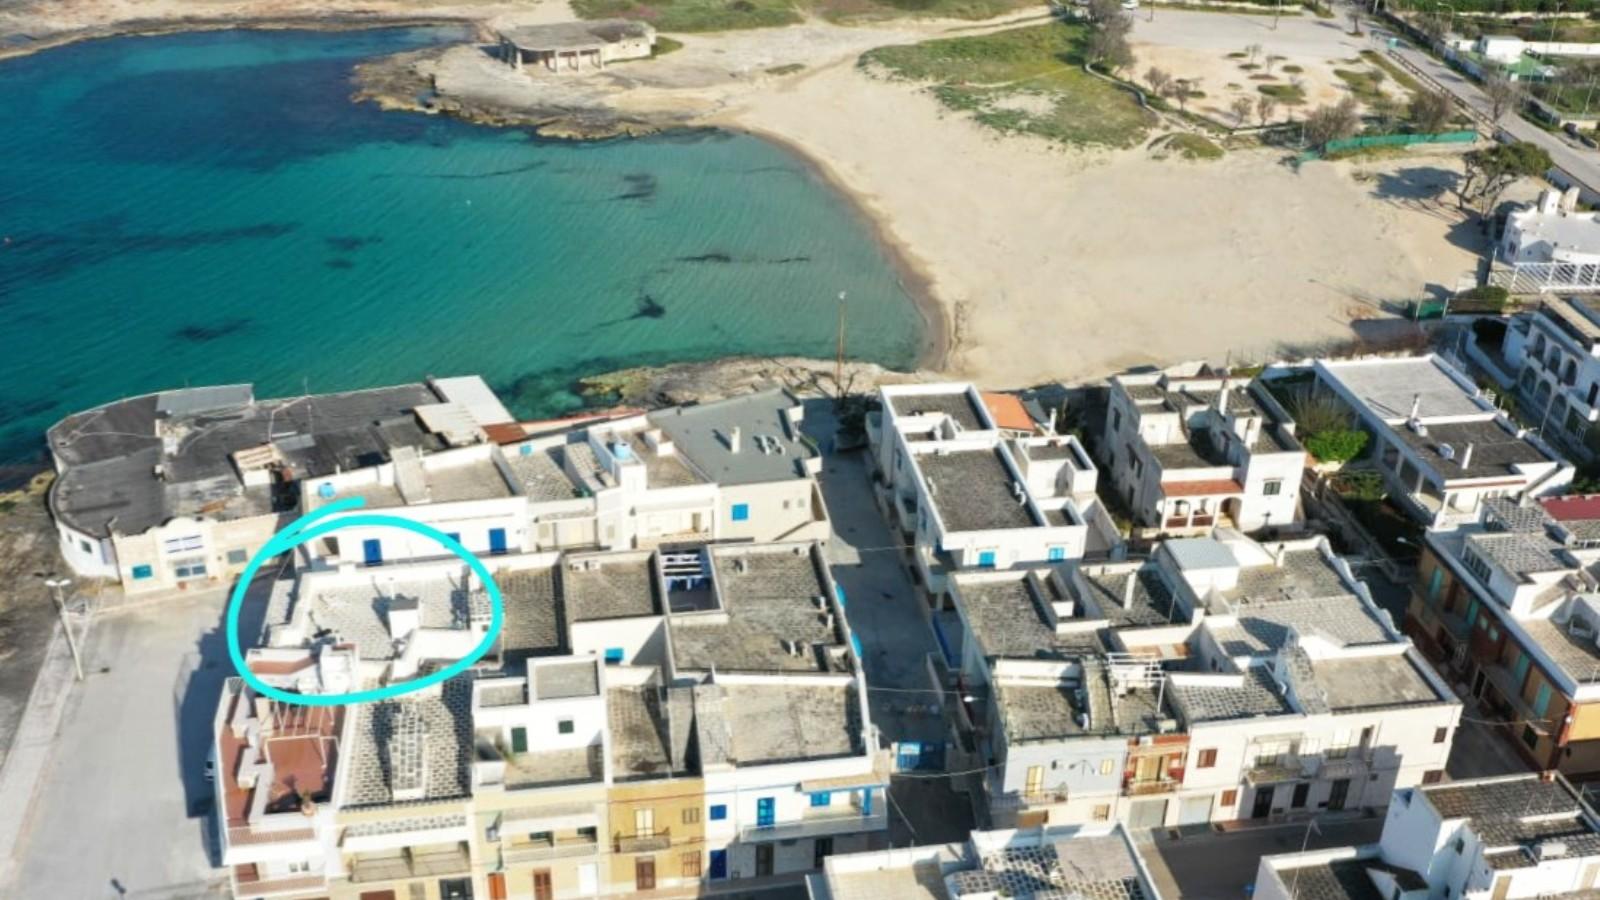 vacanze ostuni casa corallo terrazza drone